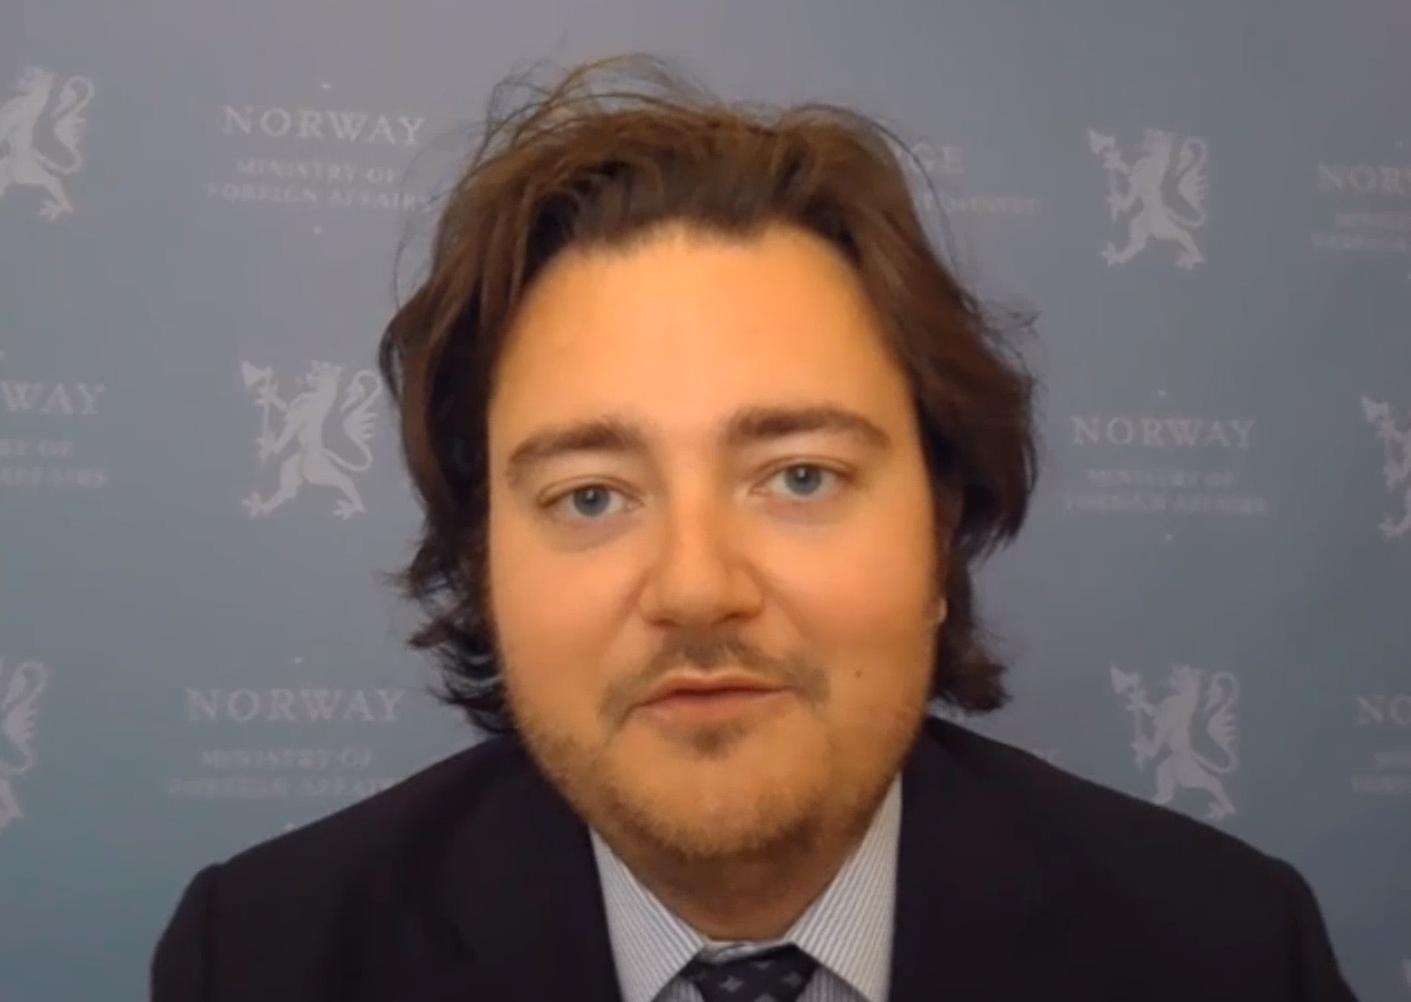 M. Jens Frølich Holte, Secrétaire d'Etat au Ministère des Affaires Etrangères, Norvège